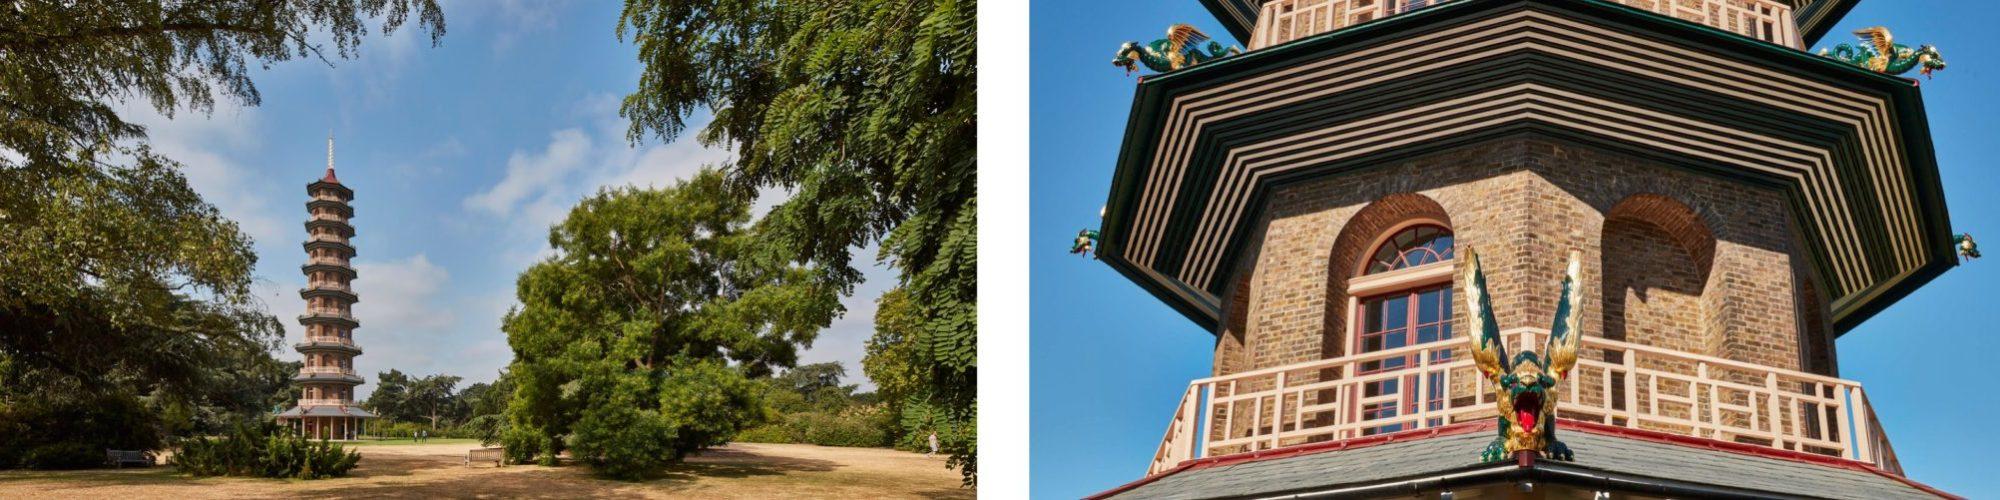 Great Pagoda Kew Gardens